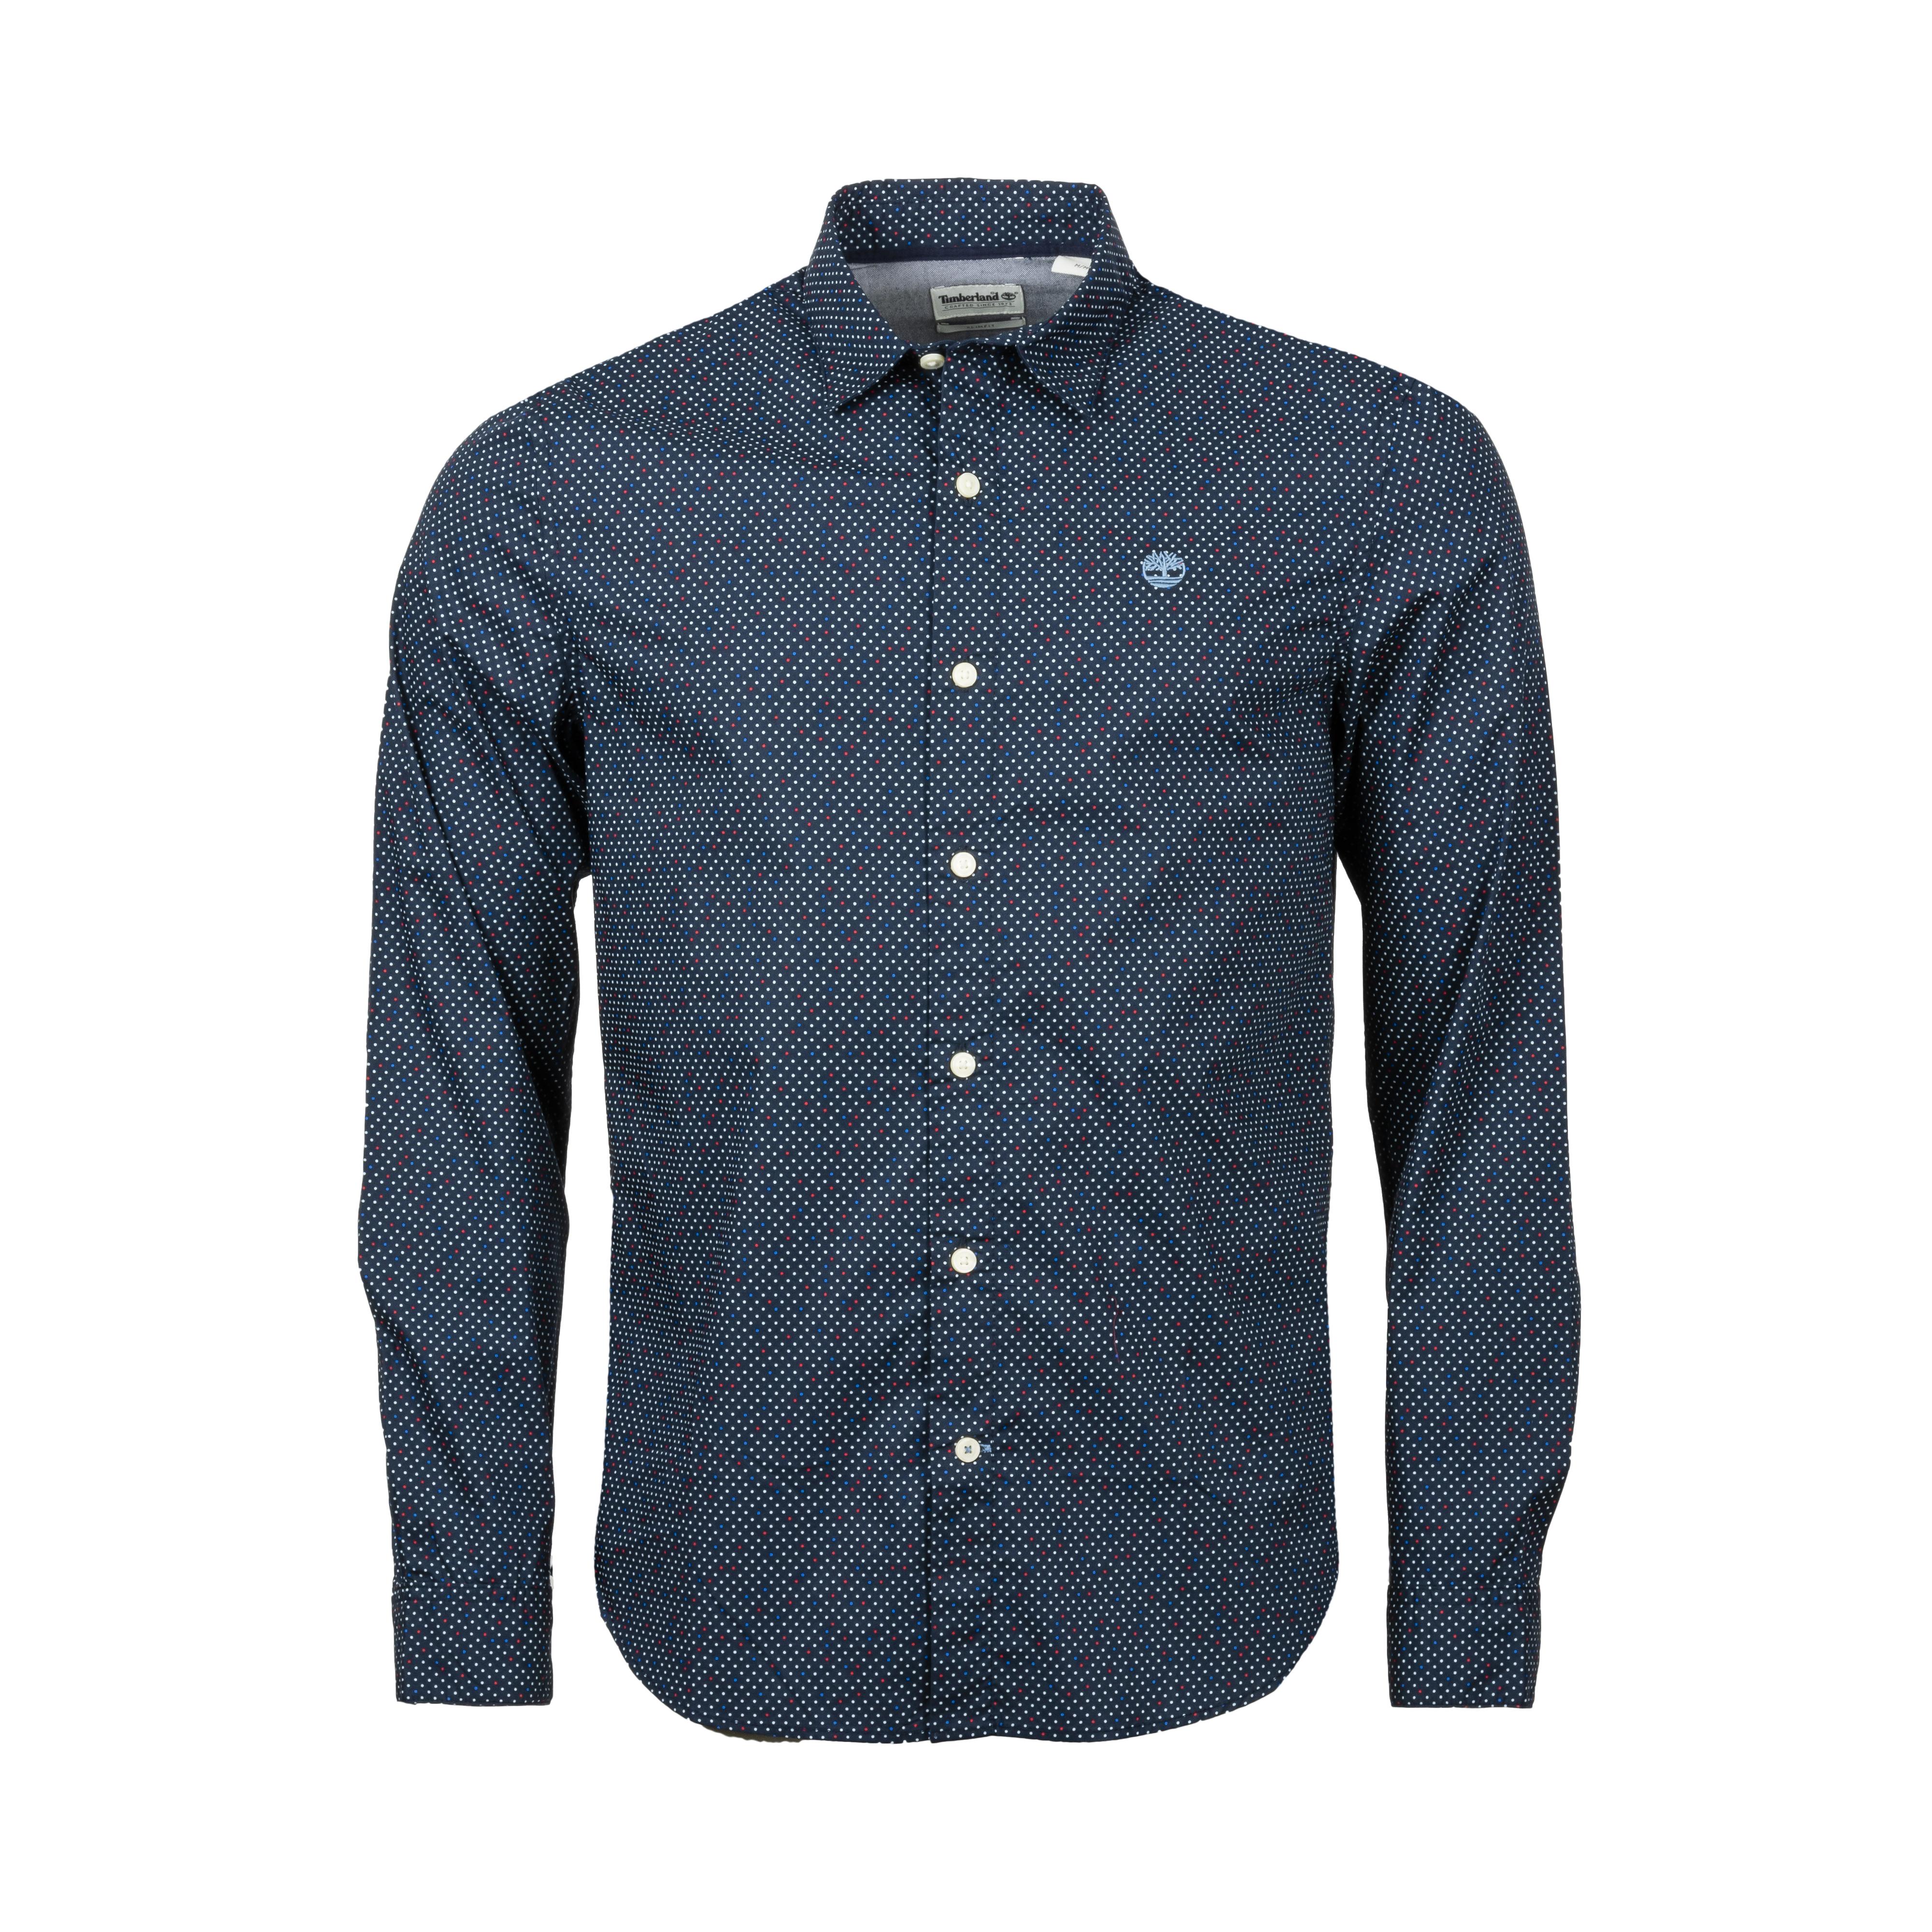 Chemise coupe cintrée  multi dot en coton stretch bleu marine à micro motifs